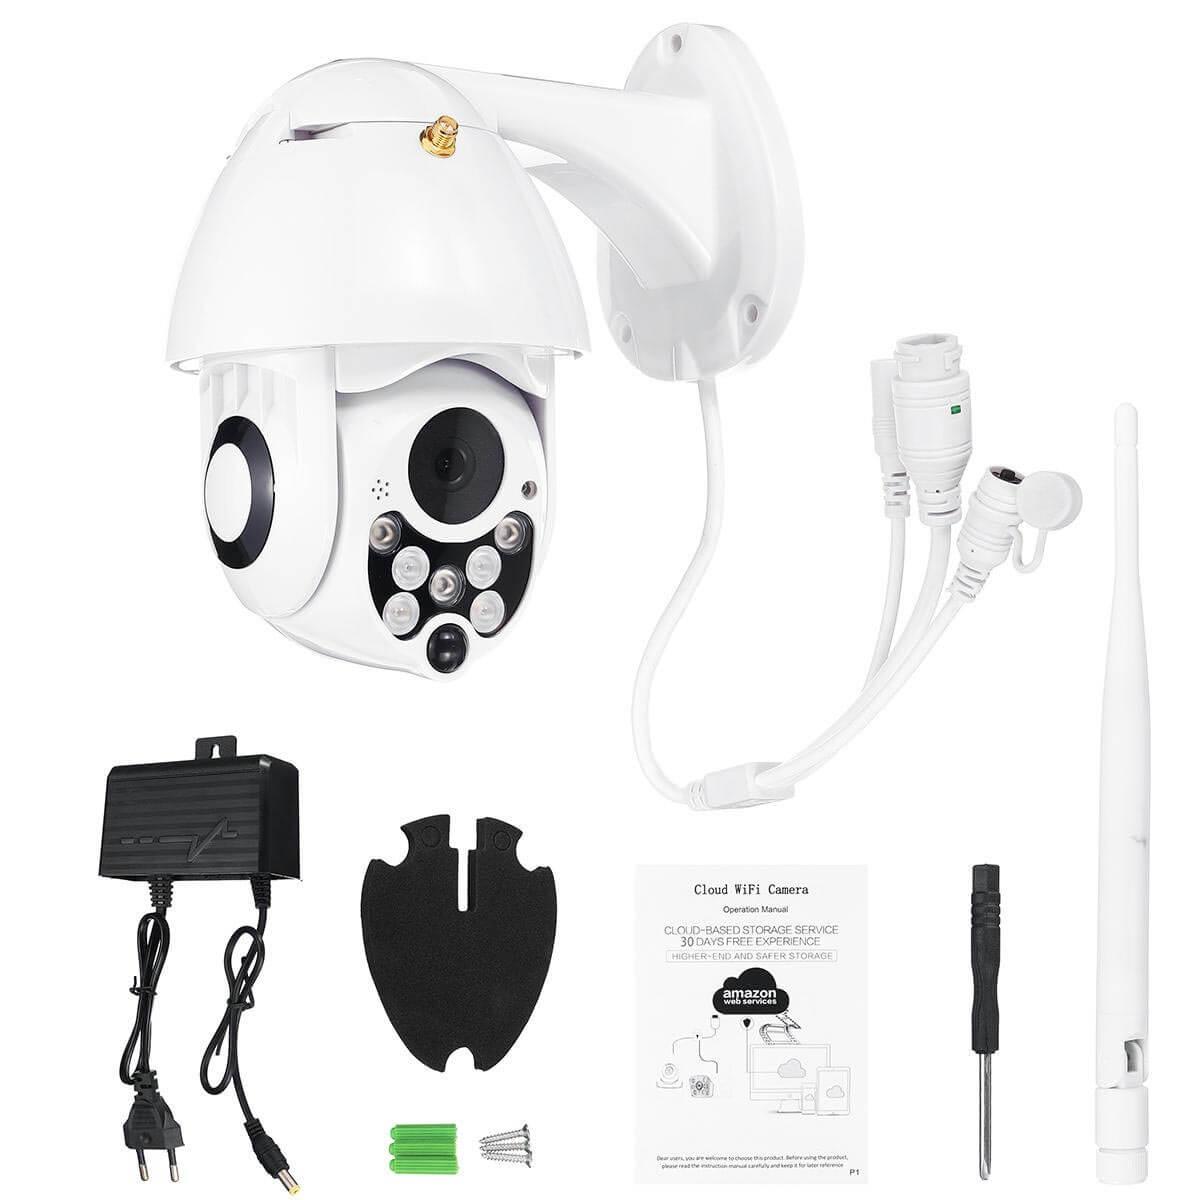 Какво включва комплекта на Wi-Fi 2MP IP PTZ камера?